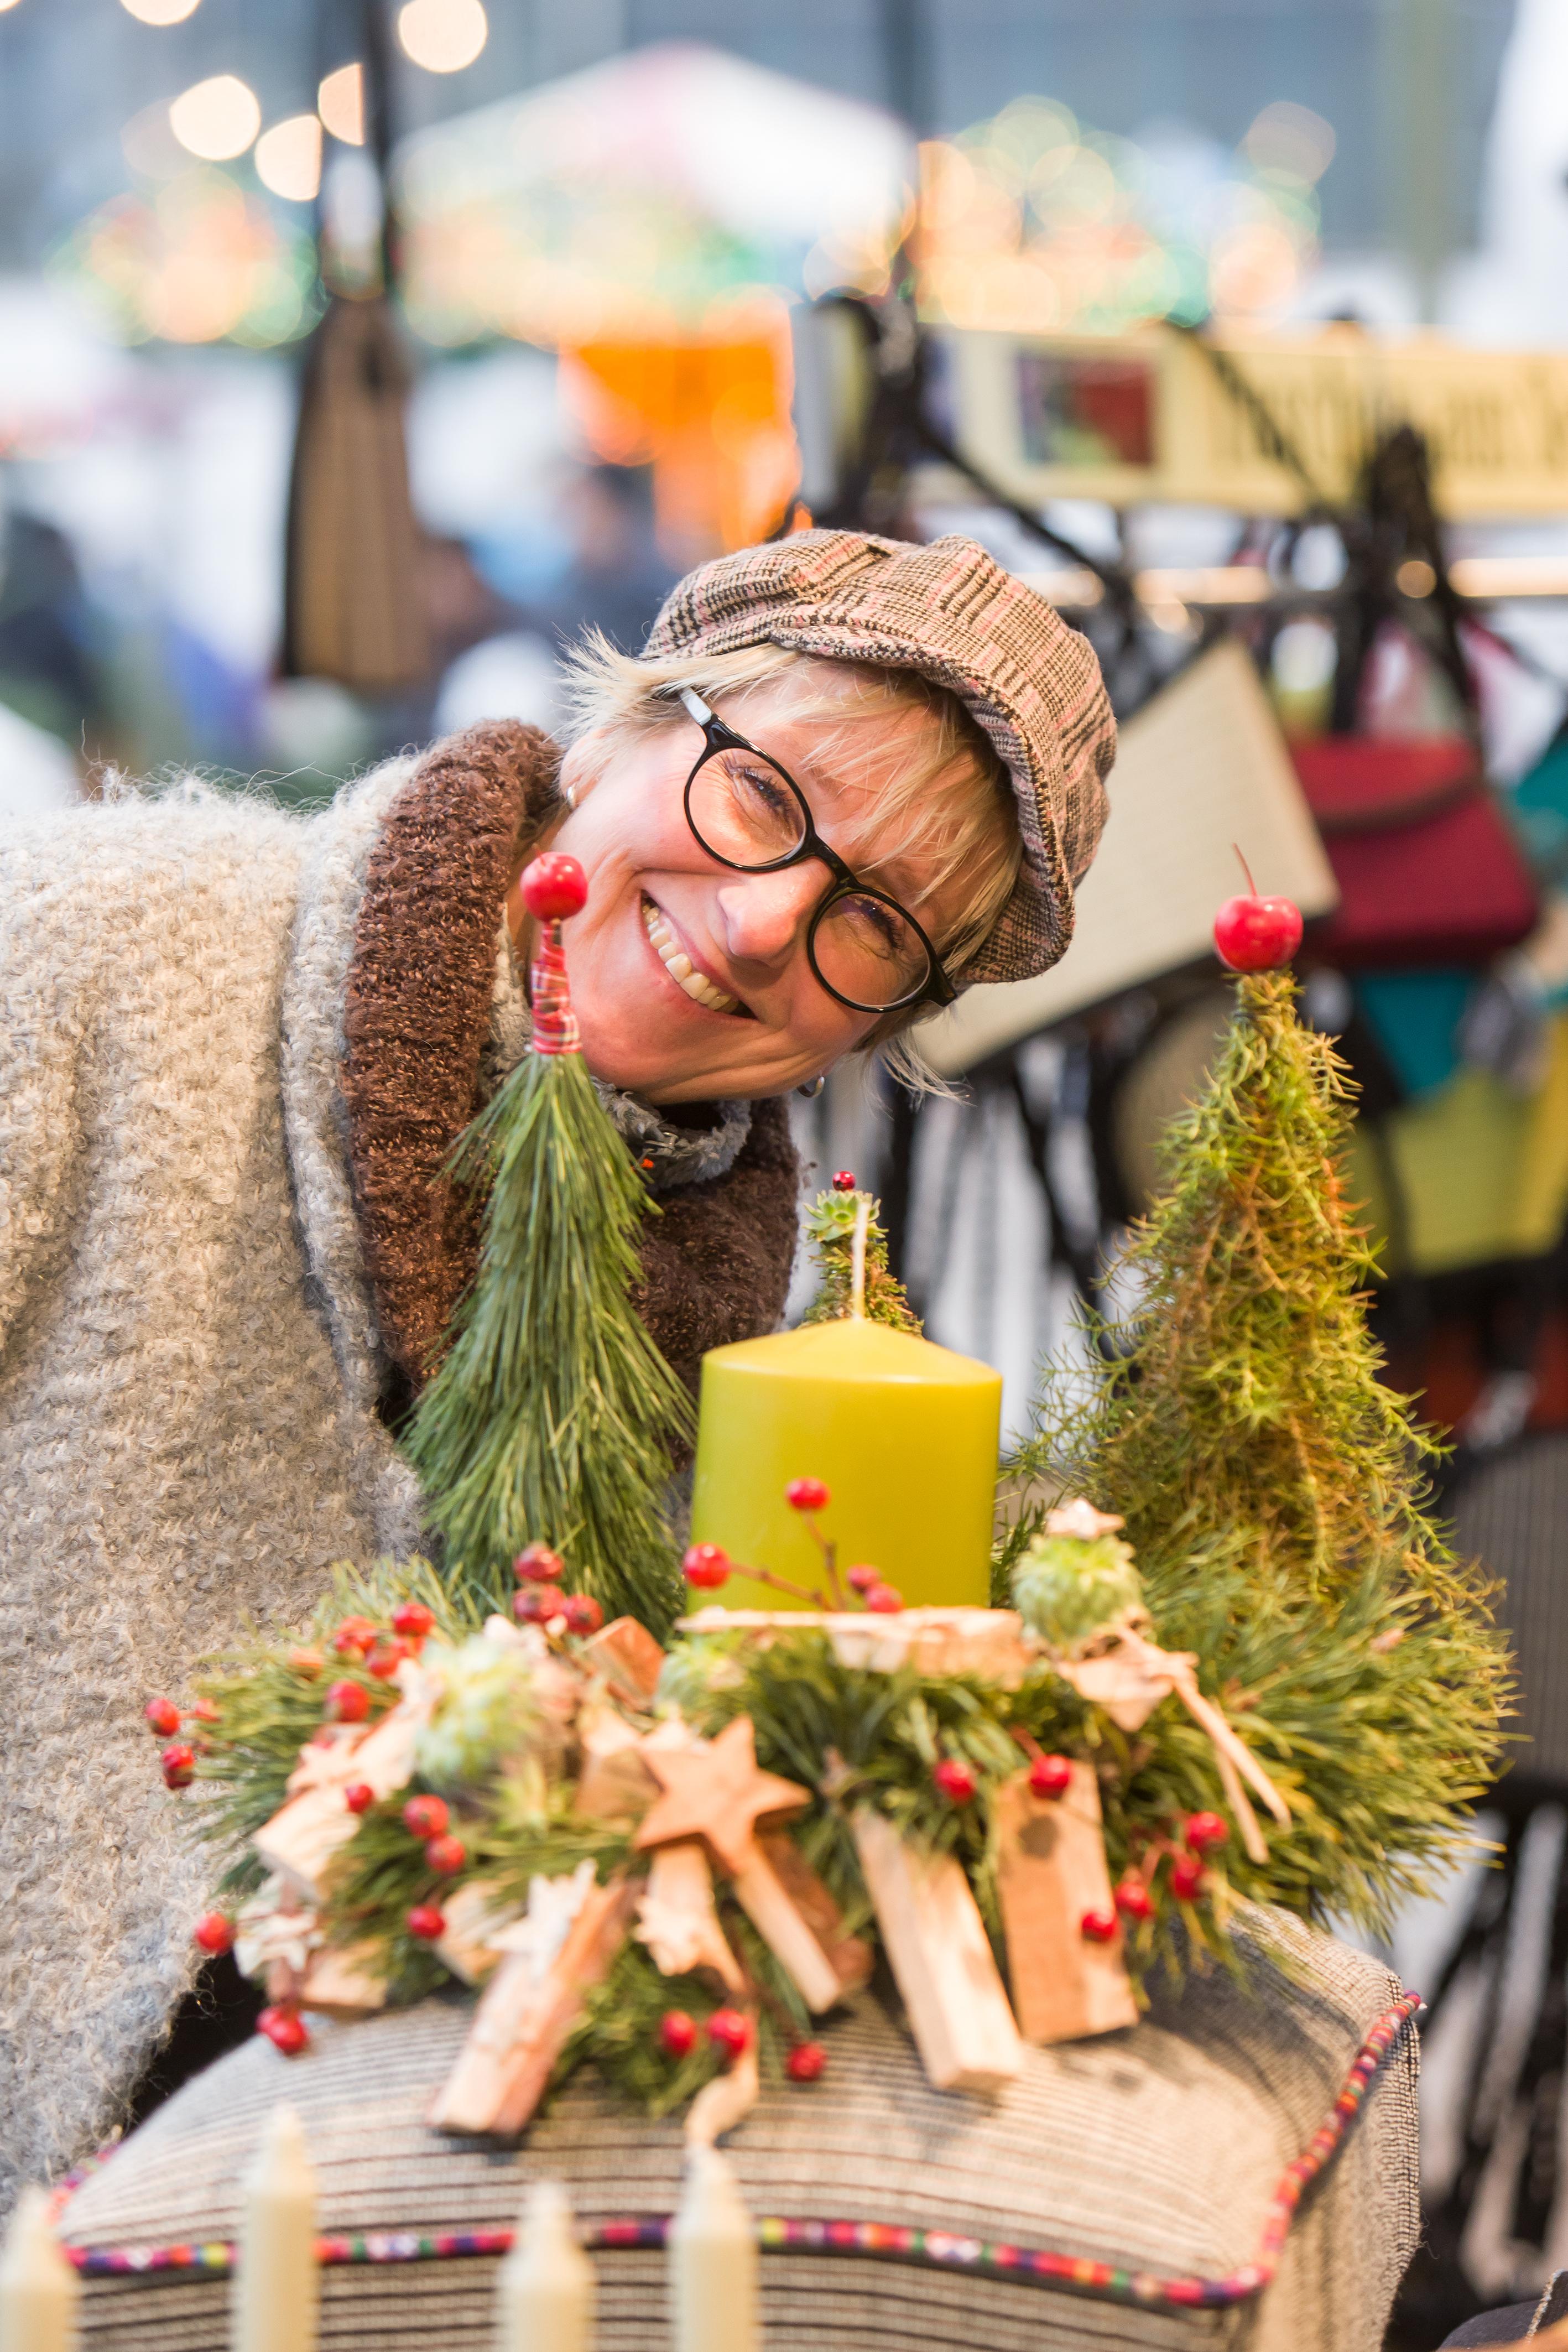 Dame mit strahlendem Lachen beugt sich über ein Adventsgesteck